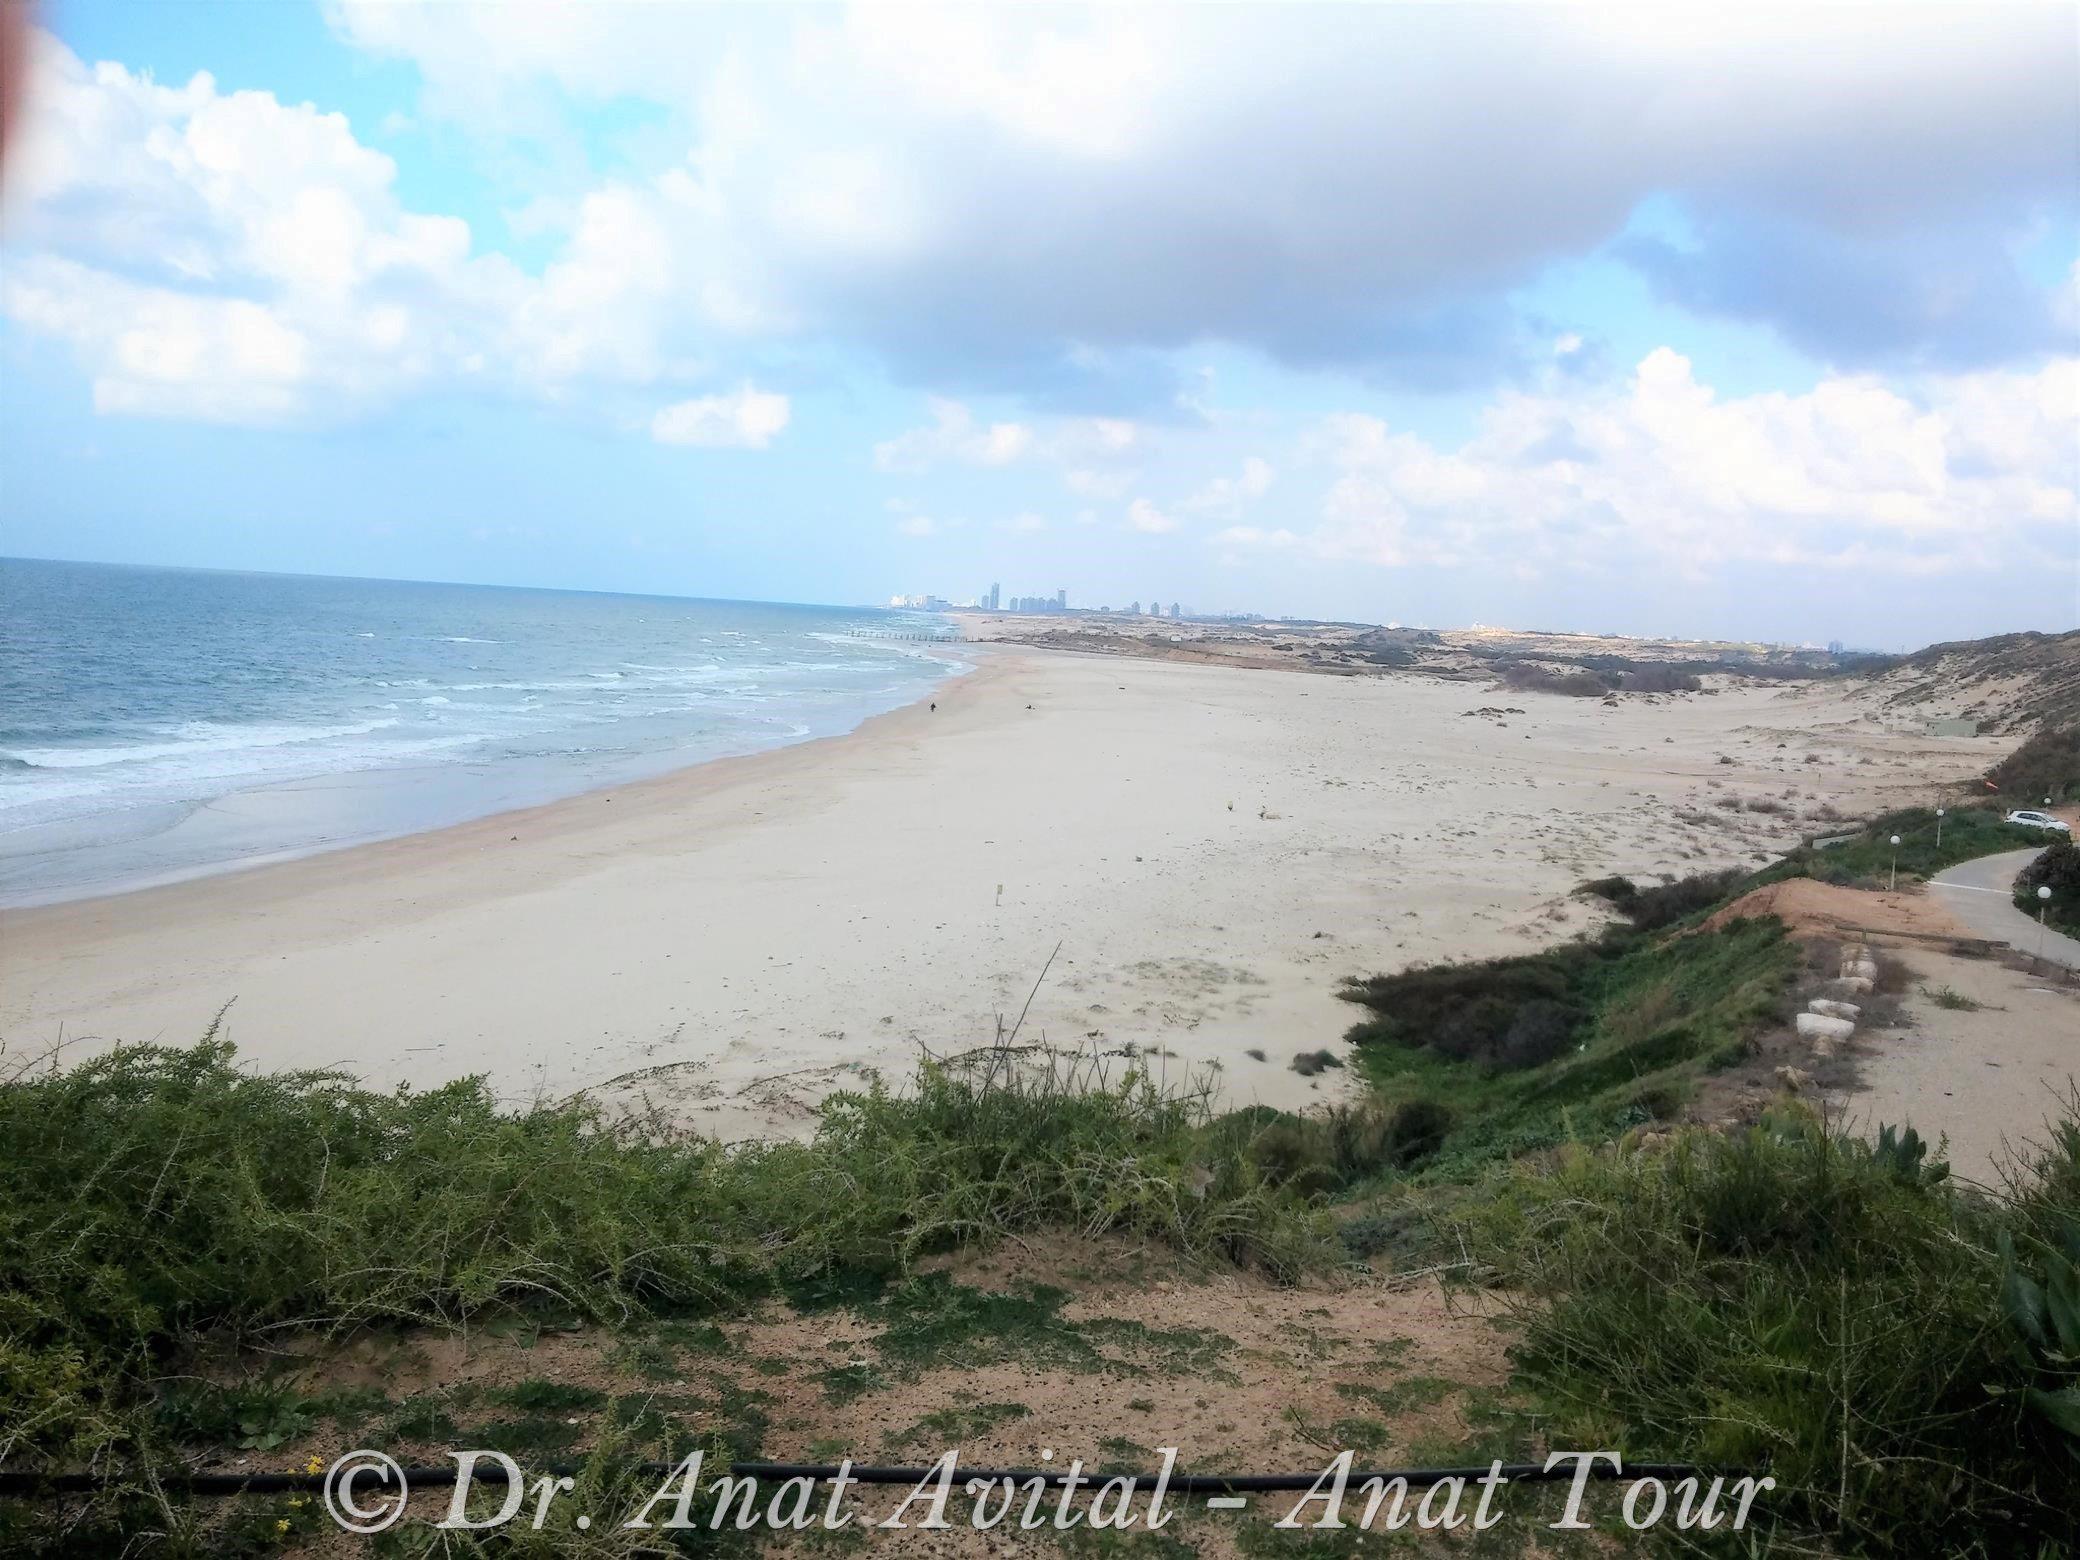 """דיונות שפך נחל שורק-חוף פלמחים (ד""""ר ענת אביטל)"""